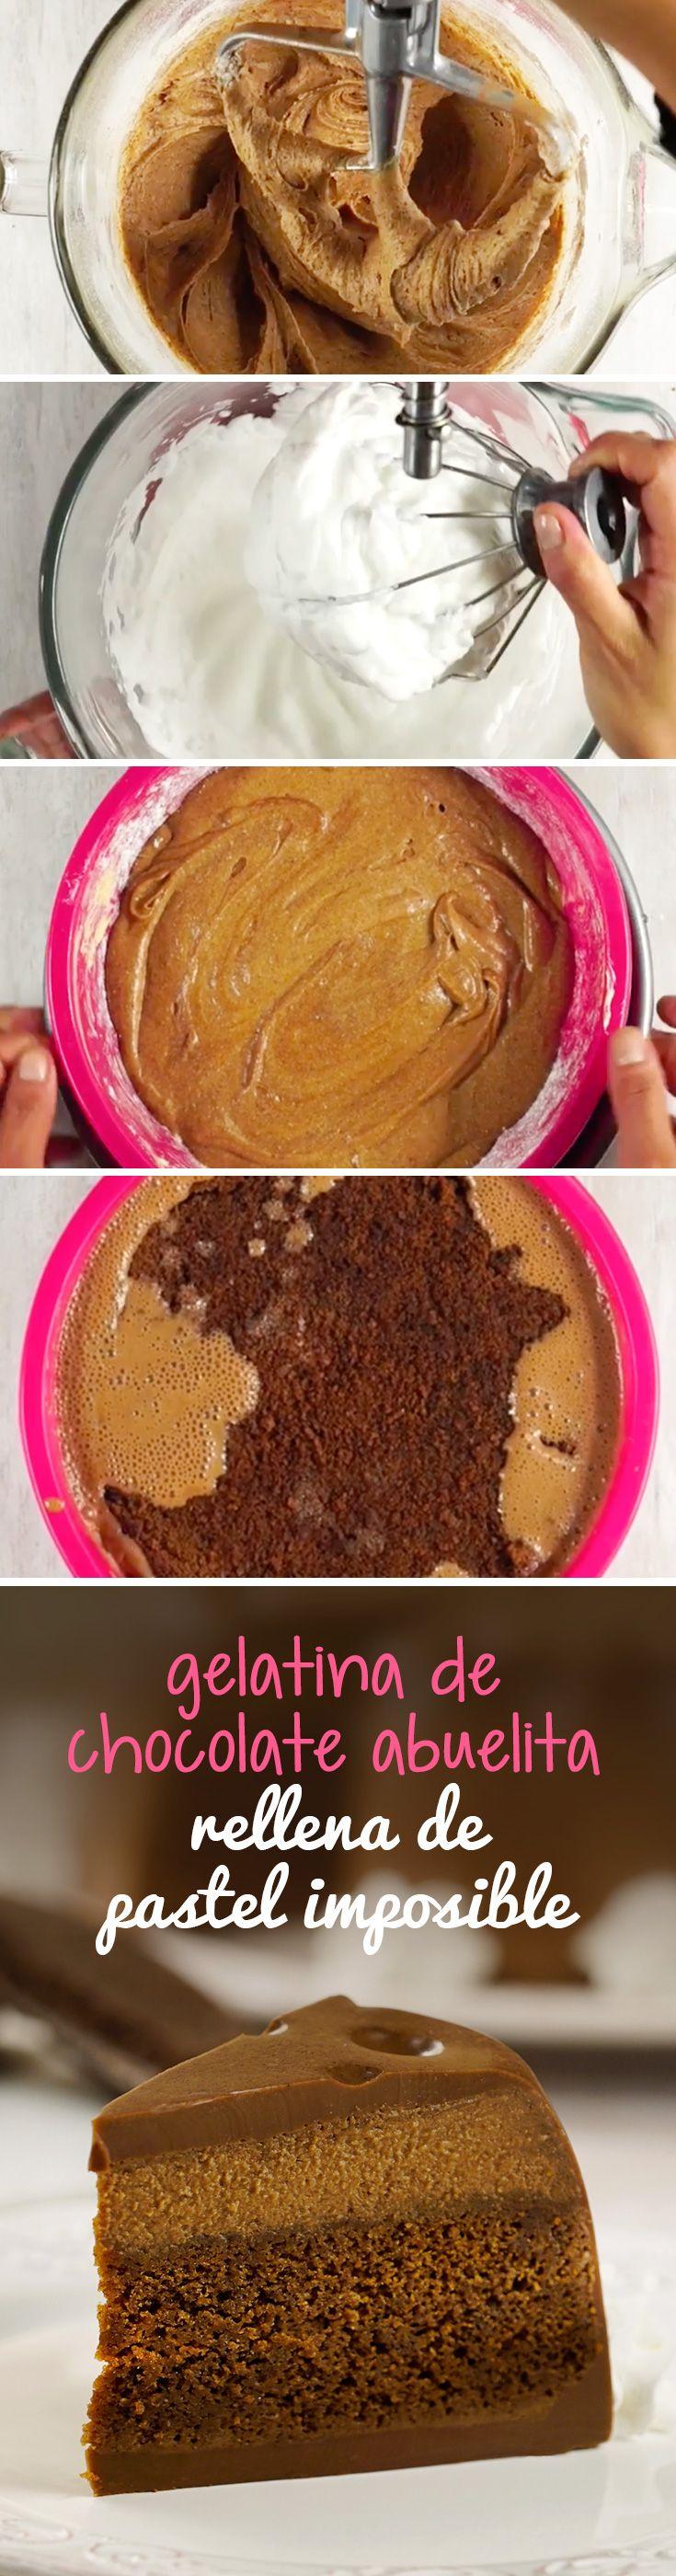 Si te encanta el chocolate, tienes que probar esta receta de gelatina de chocolate mexicano rellena con pastel imposible. La combinación de texturas lo hará el pastel imposible triple más rico que hayas probado.